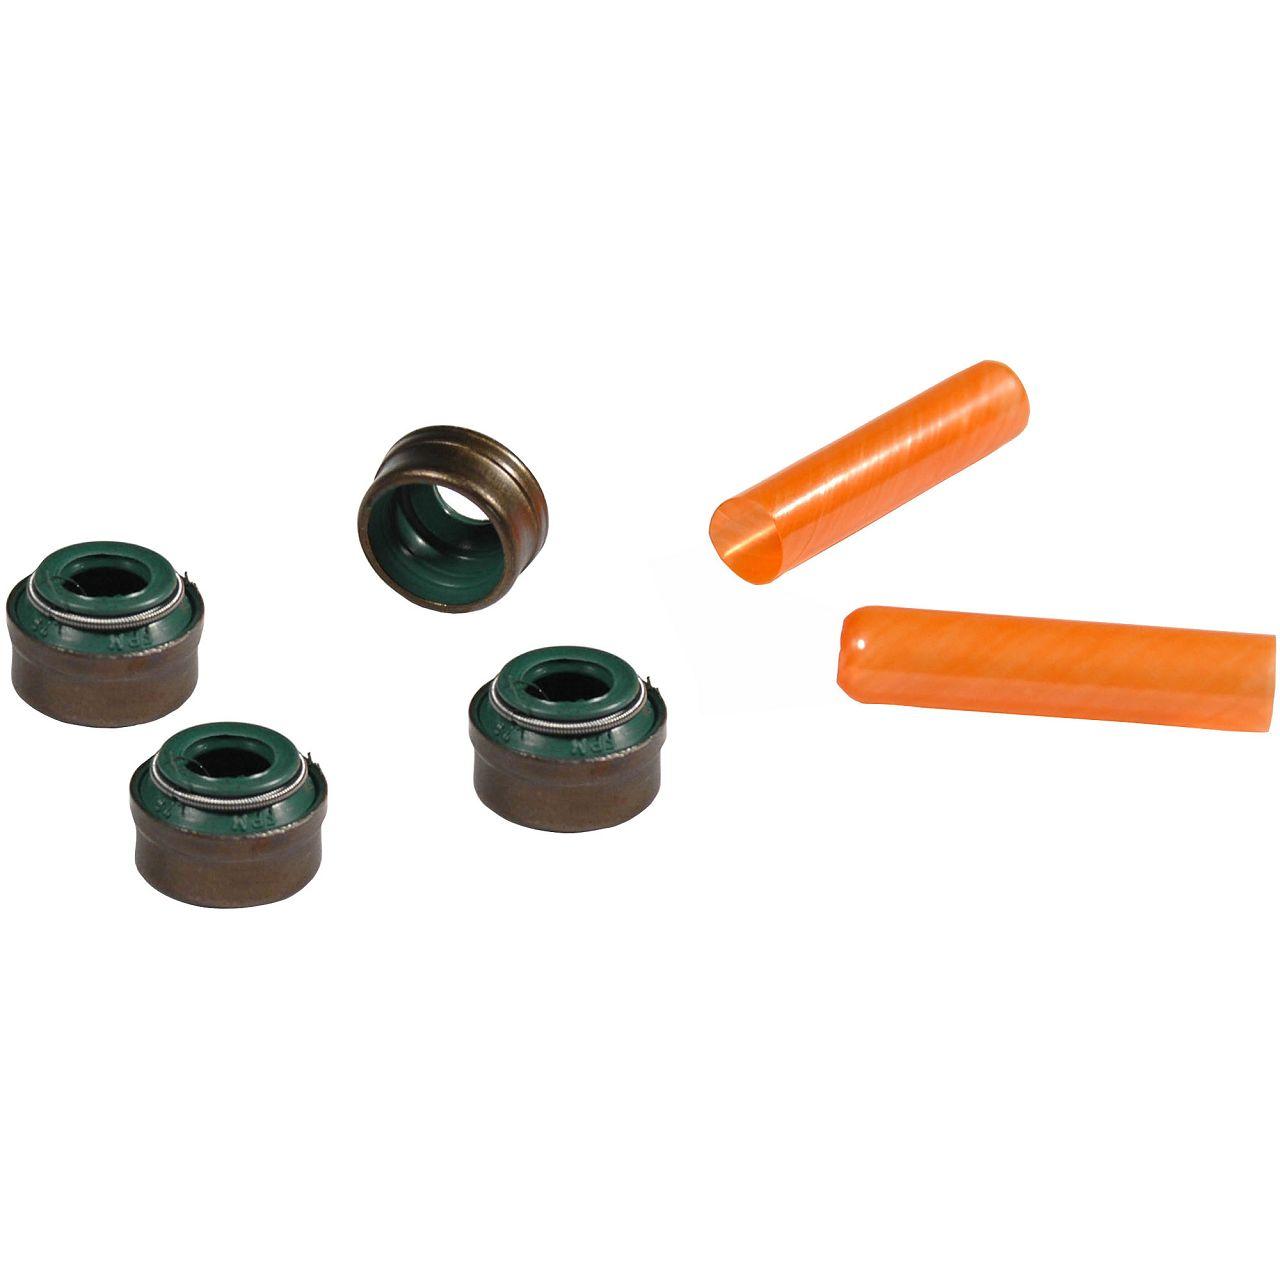 4x Ventilschaftabdichtung 7mm für MERCEDES | OE: 612 050 00 58